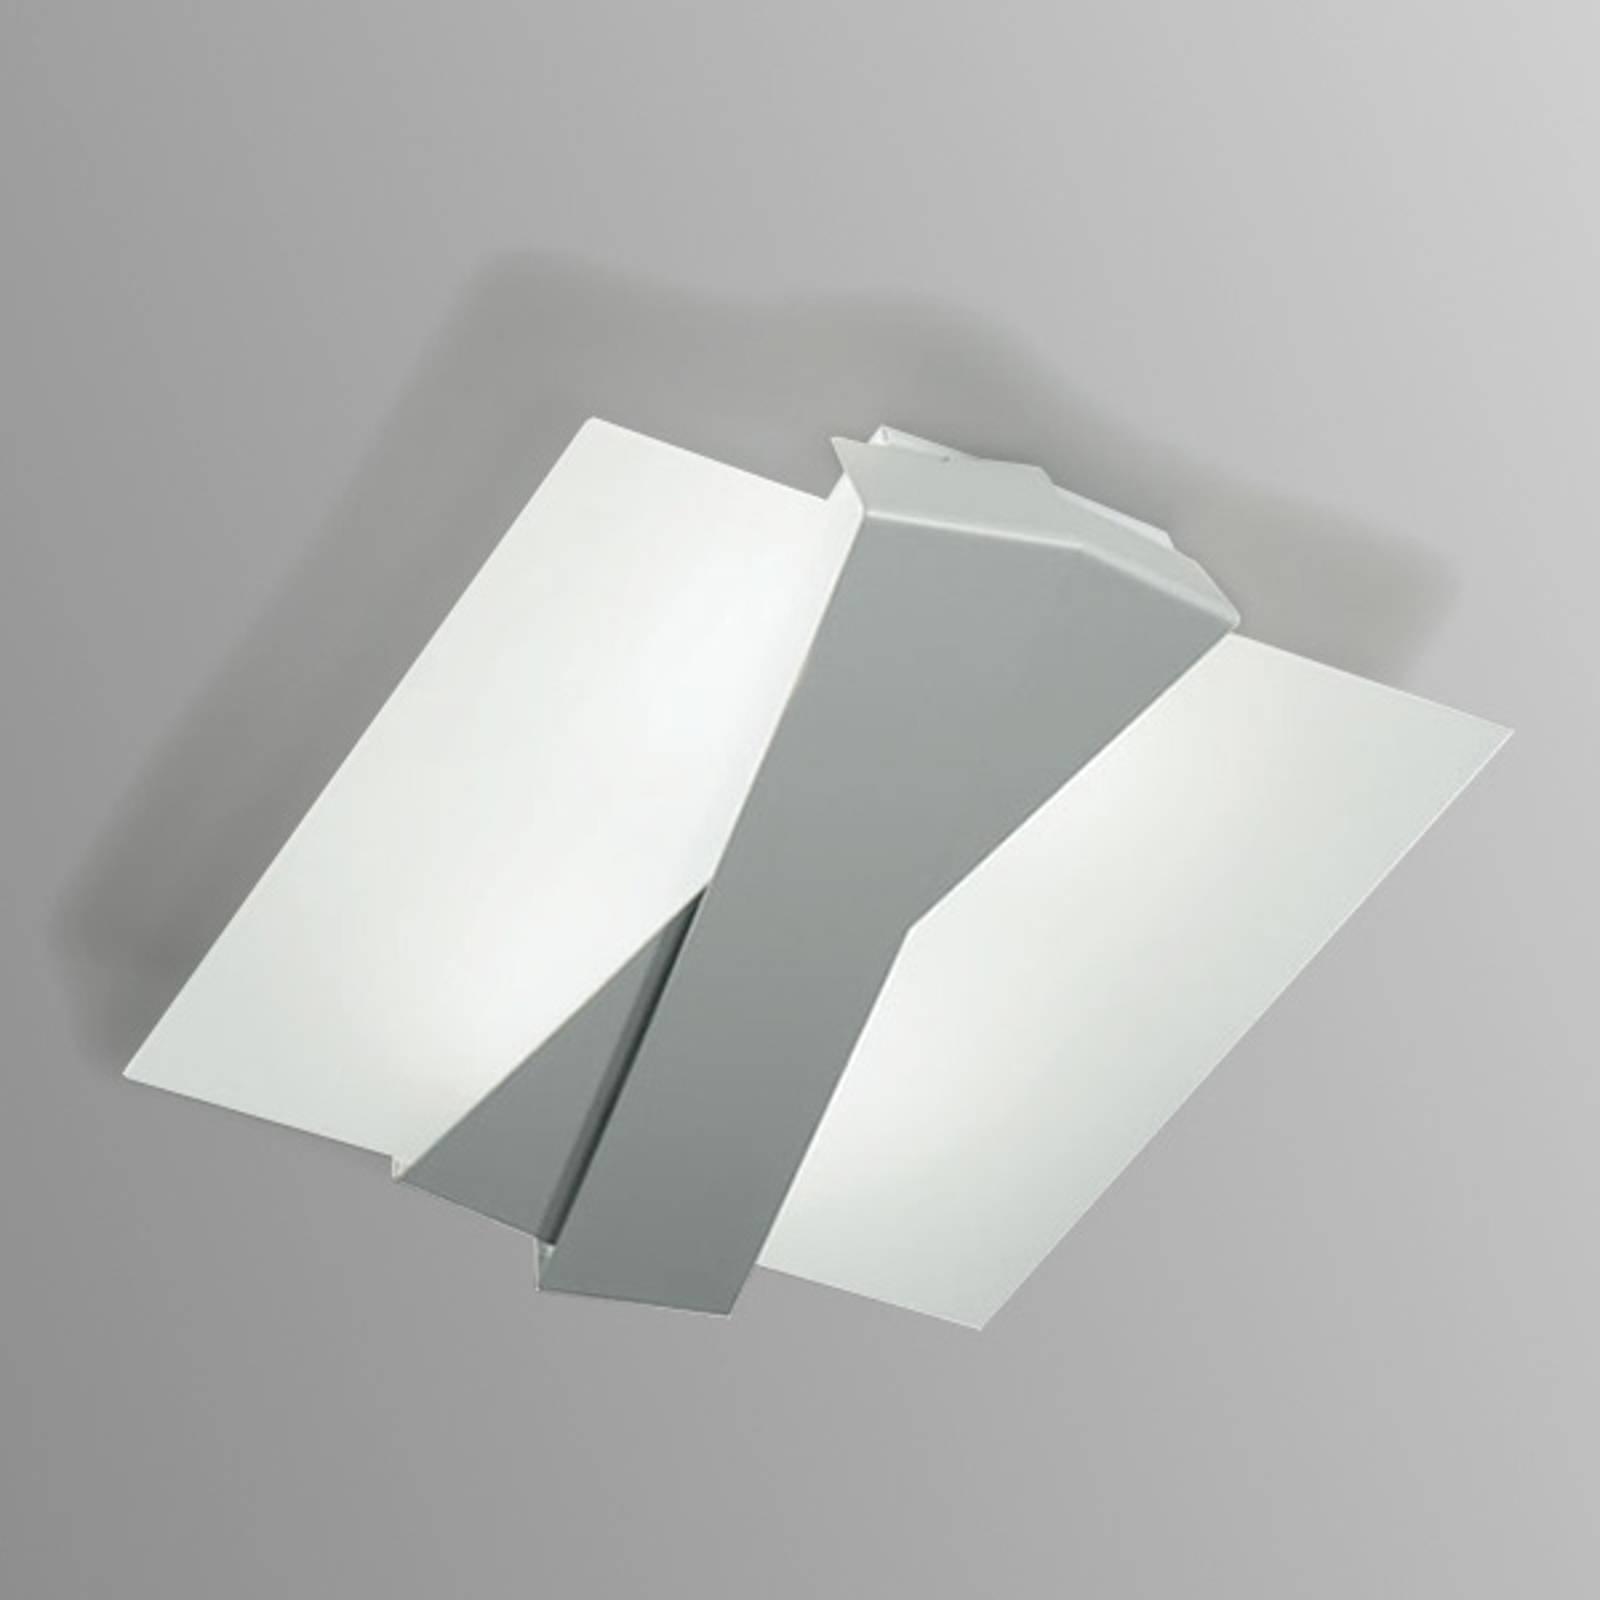 Deckenleuchte Zig Zag aluminium